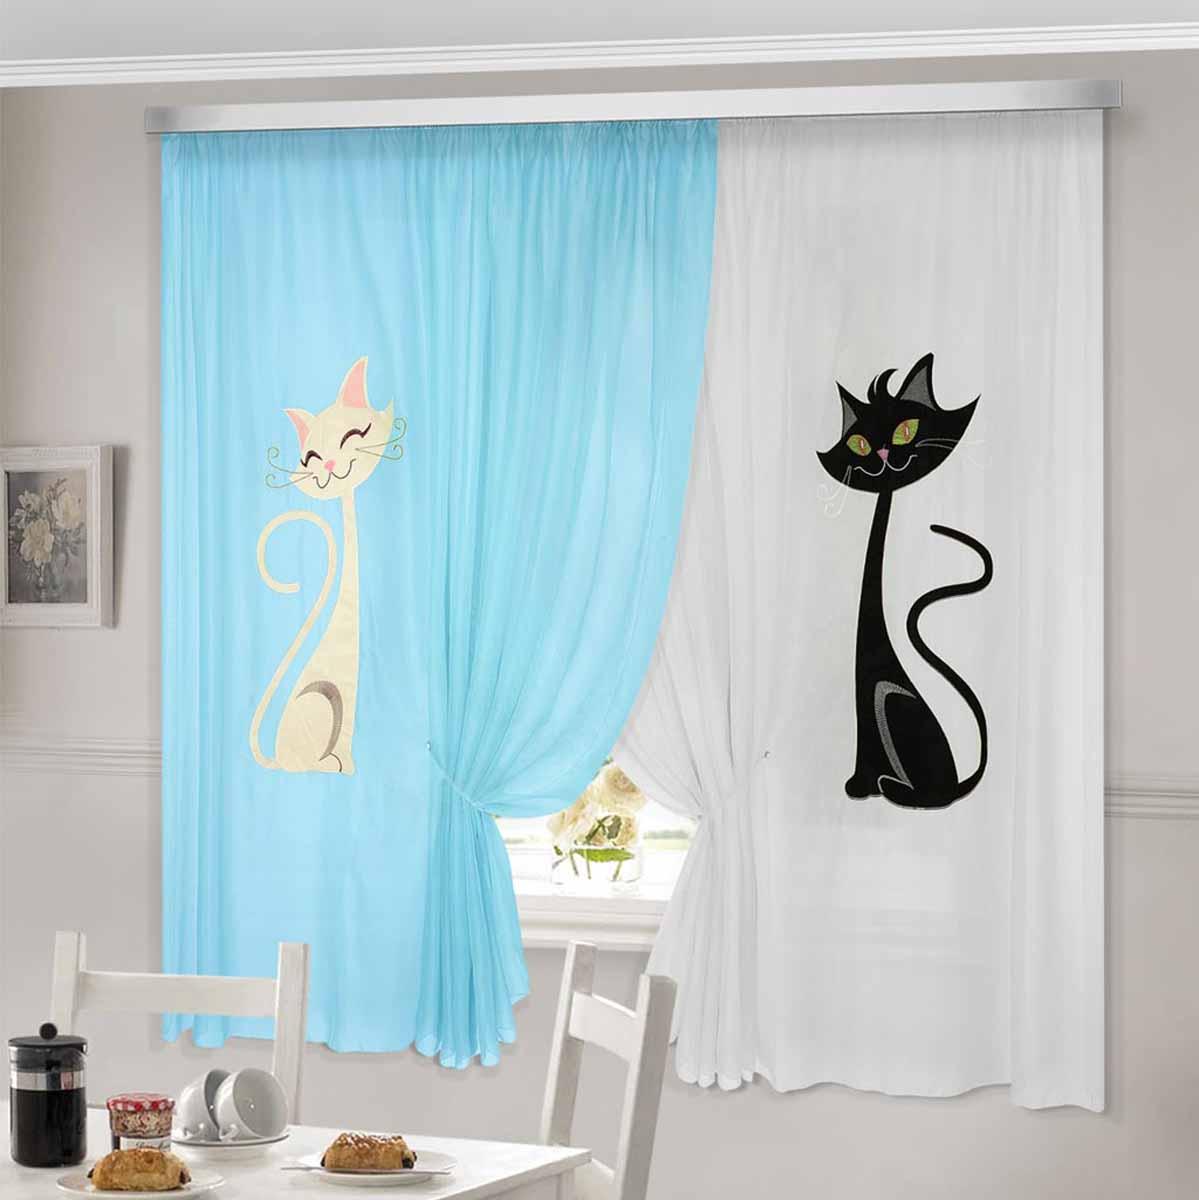 Комплект штор ТД Текстиль Кэти, на ленте, цвет: голубой, белый, высота 180 см92335Комплект штор Кэти изготовлен из вуалевого полотна с аппликацией в виде кошек. Шторы крепятся на карниз при помощи ленты, которая поможет красиво и равномерно задрапировать верх.